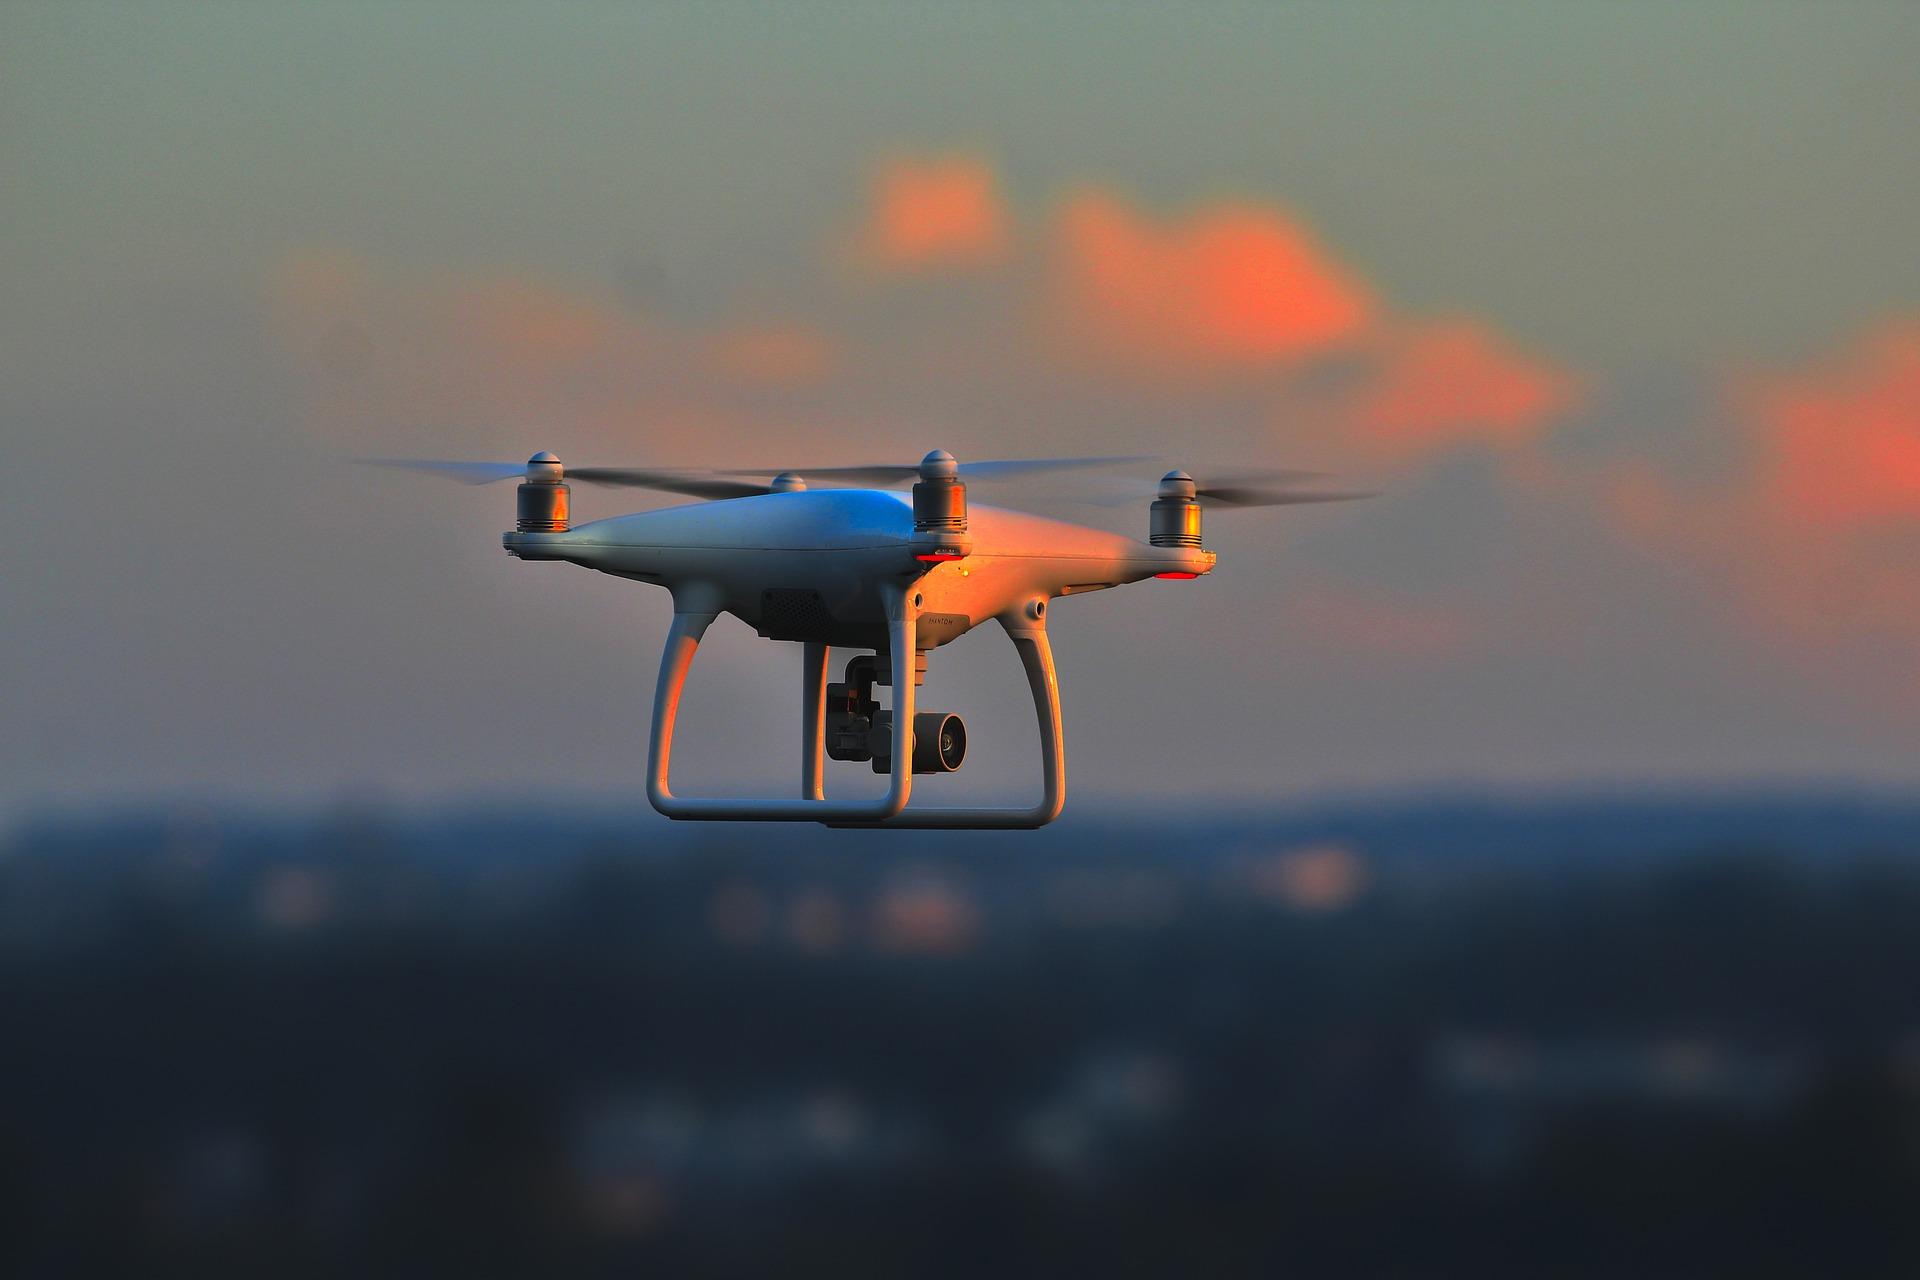 Czy polskie prawo sprzyja dronom? Przegląd legislacyjny WEI